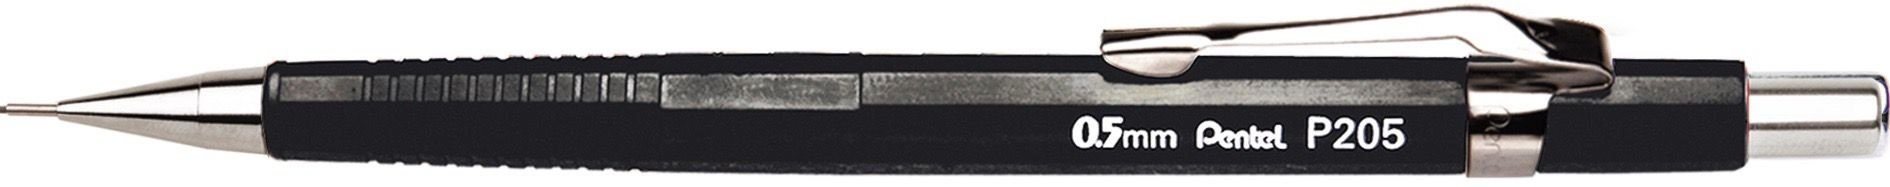 Lapiseira 0.5mm Pentel Sharp P205 - Cores Sortidas